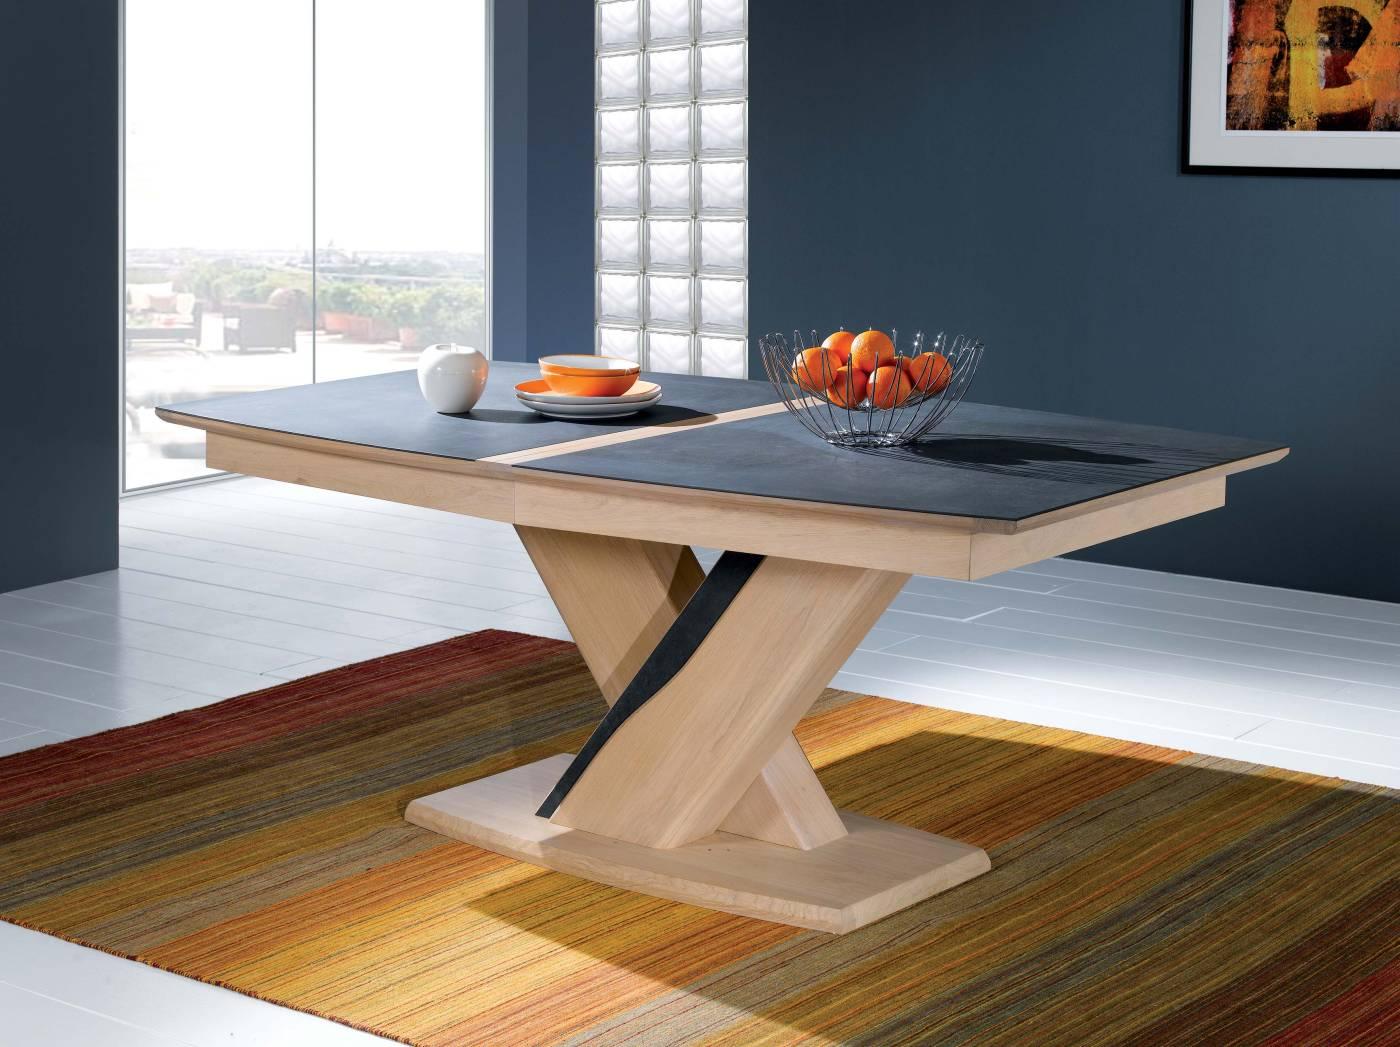 Salle a manger table design ceramique ateliers langres meubles gibaud - Table de salle a manger pied central ...